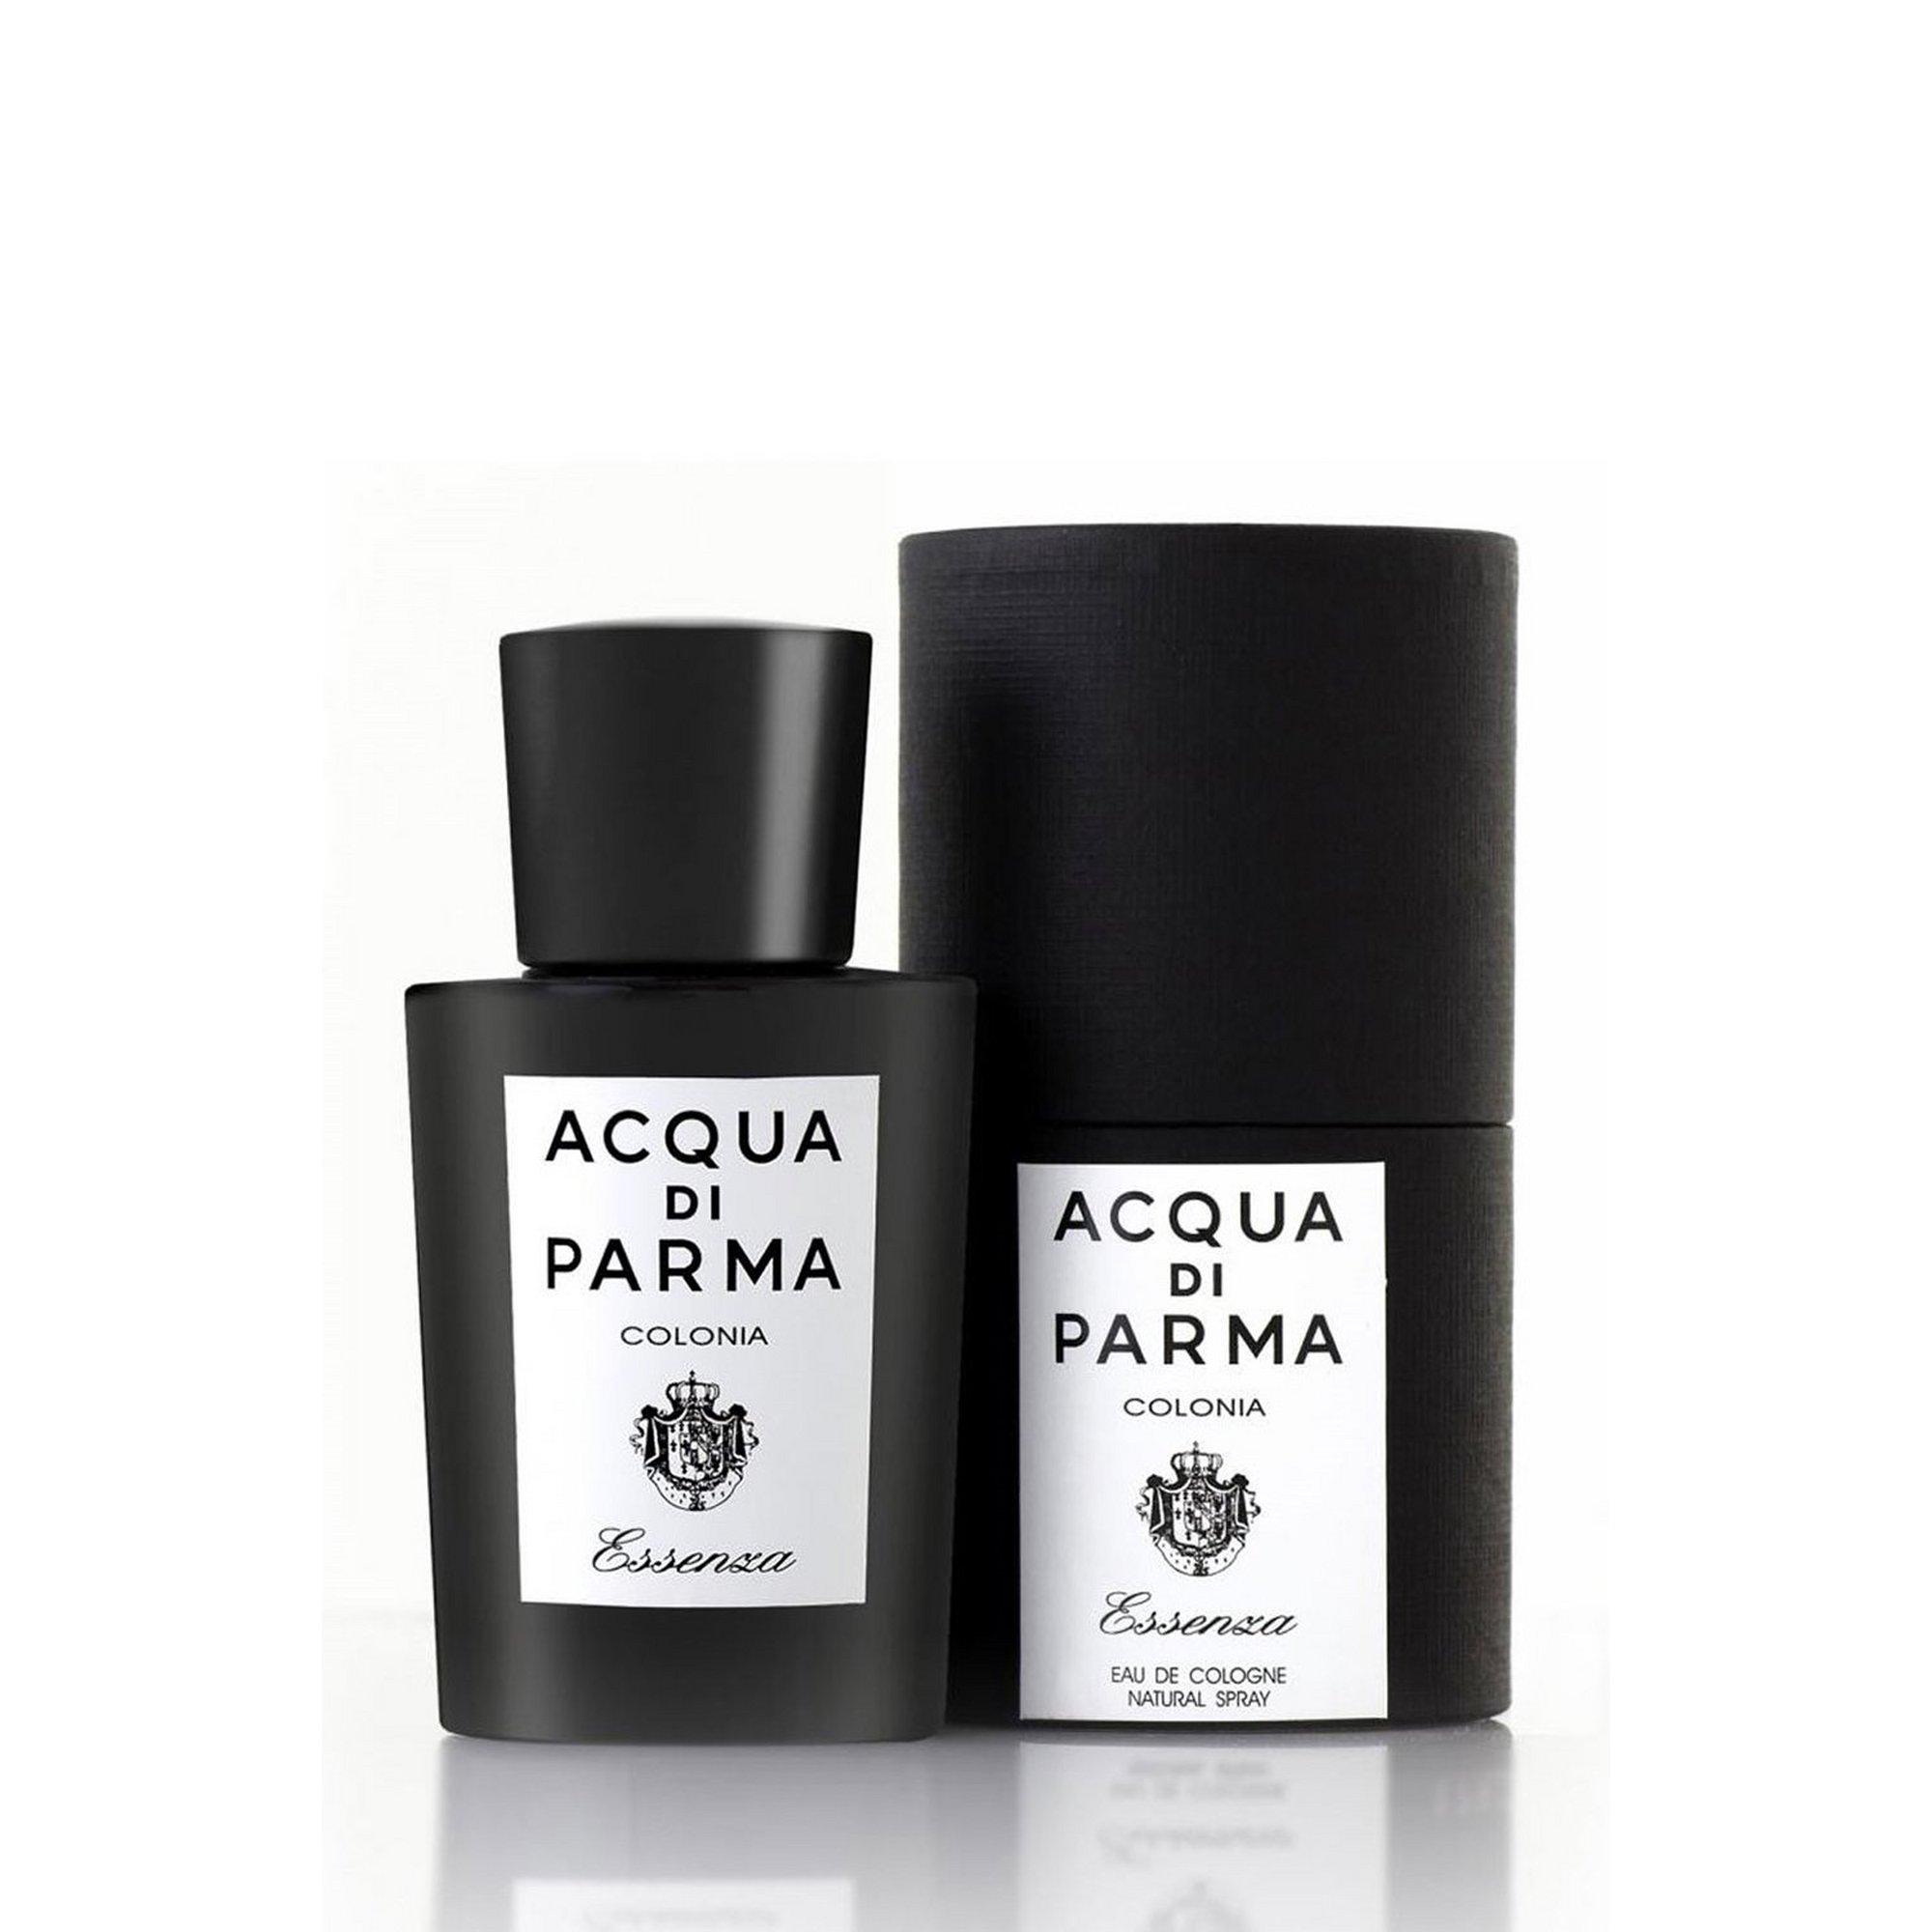 Image of Acqua di Parma Colonia Essenza EDC